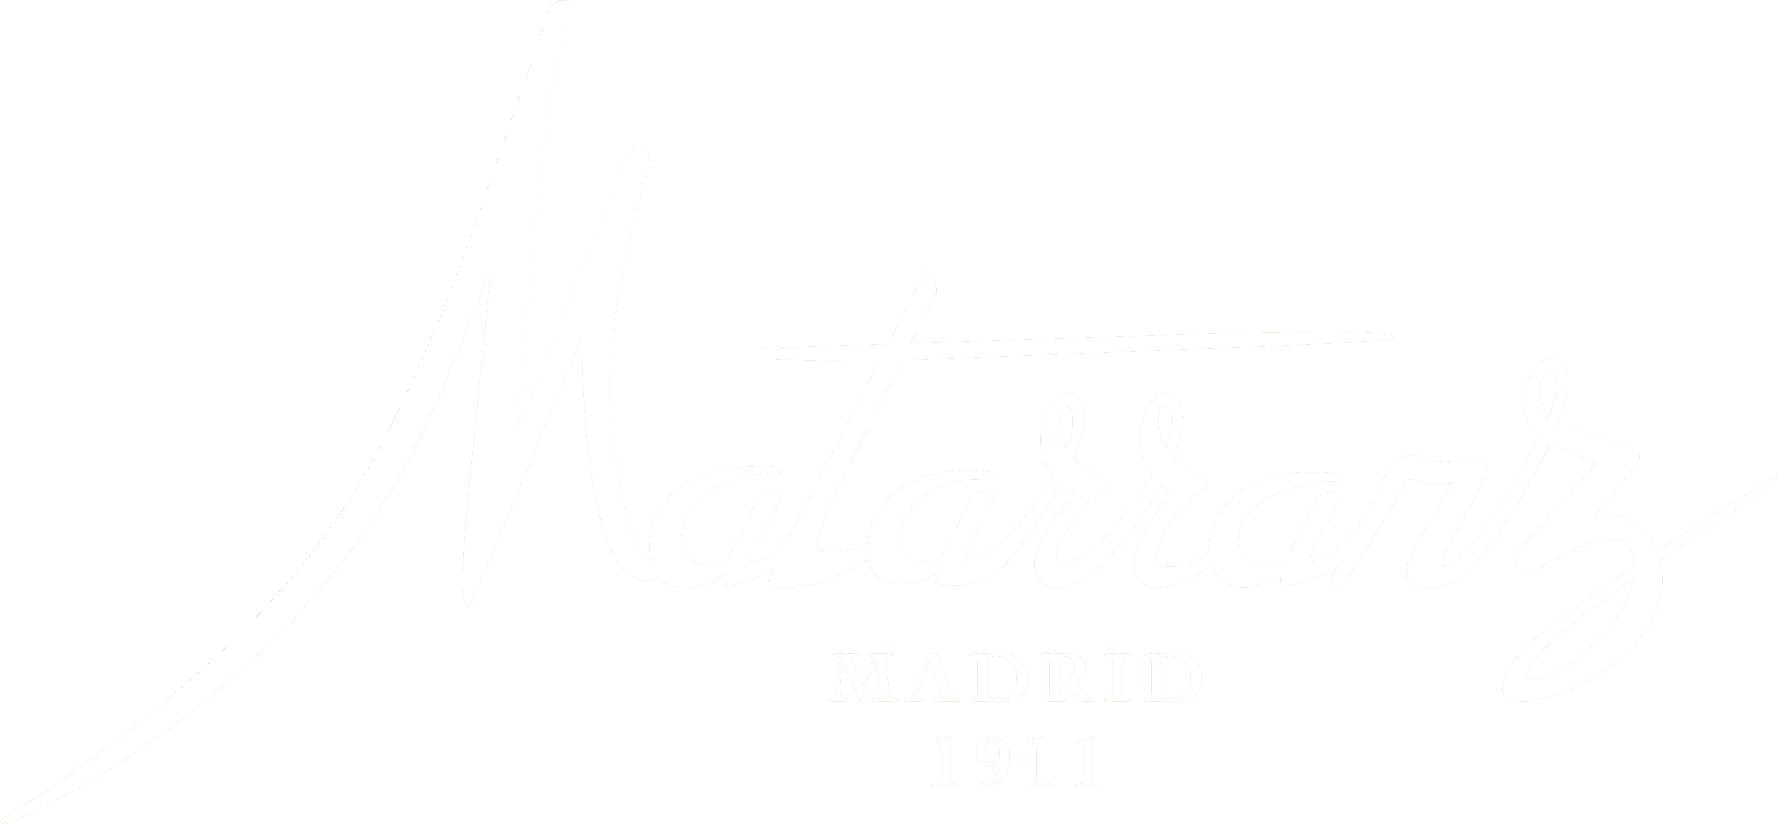 Matarranz